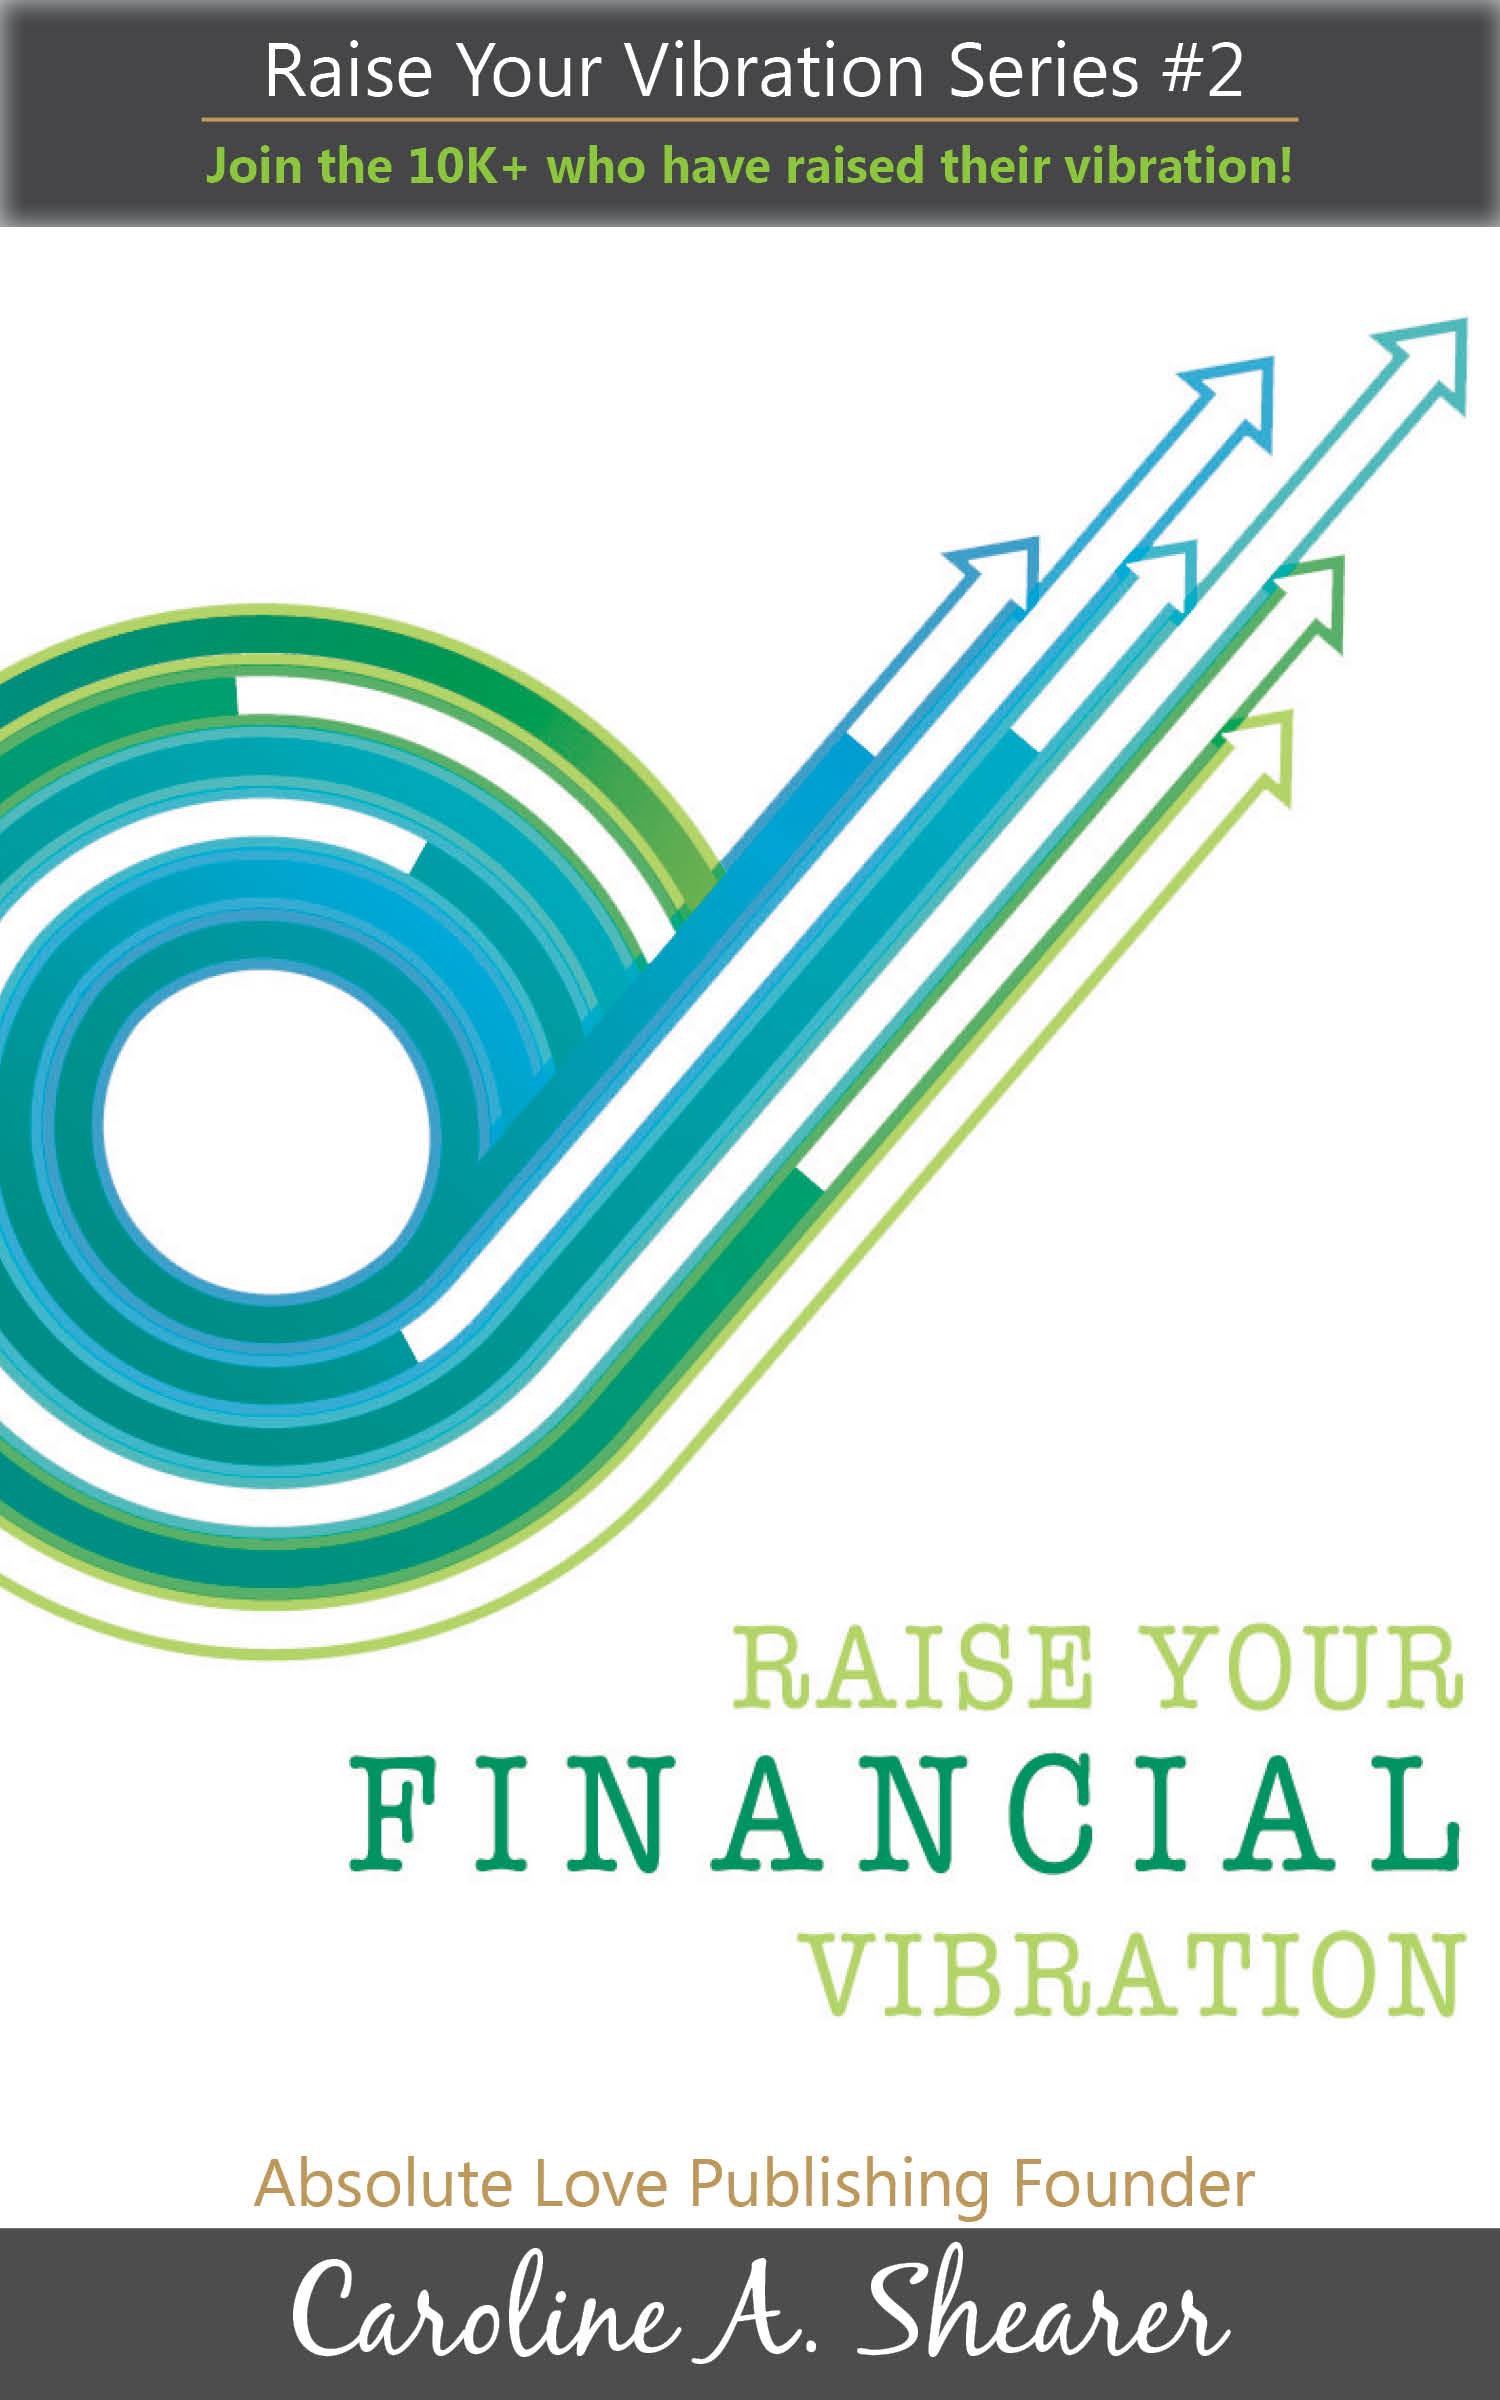 Raise Your Financial Vibration